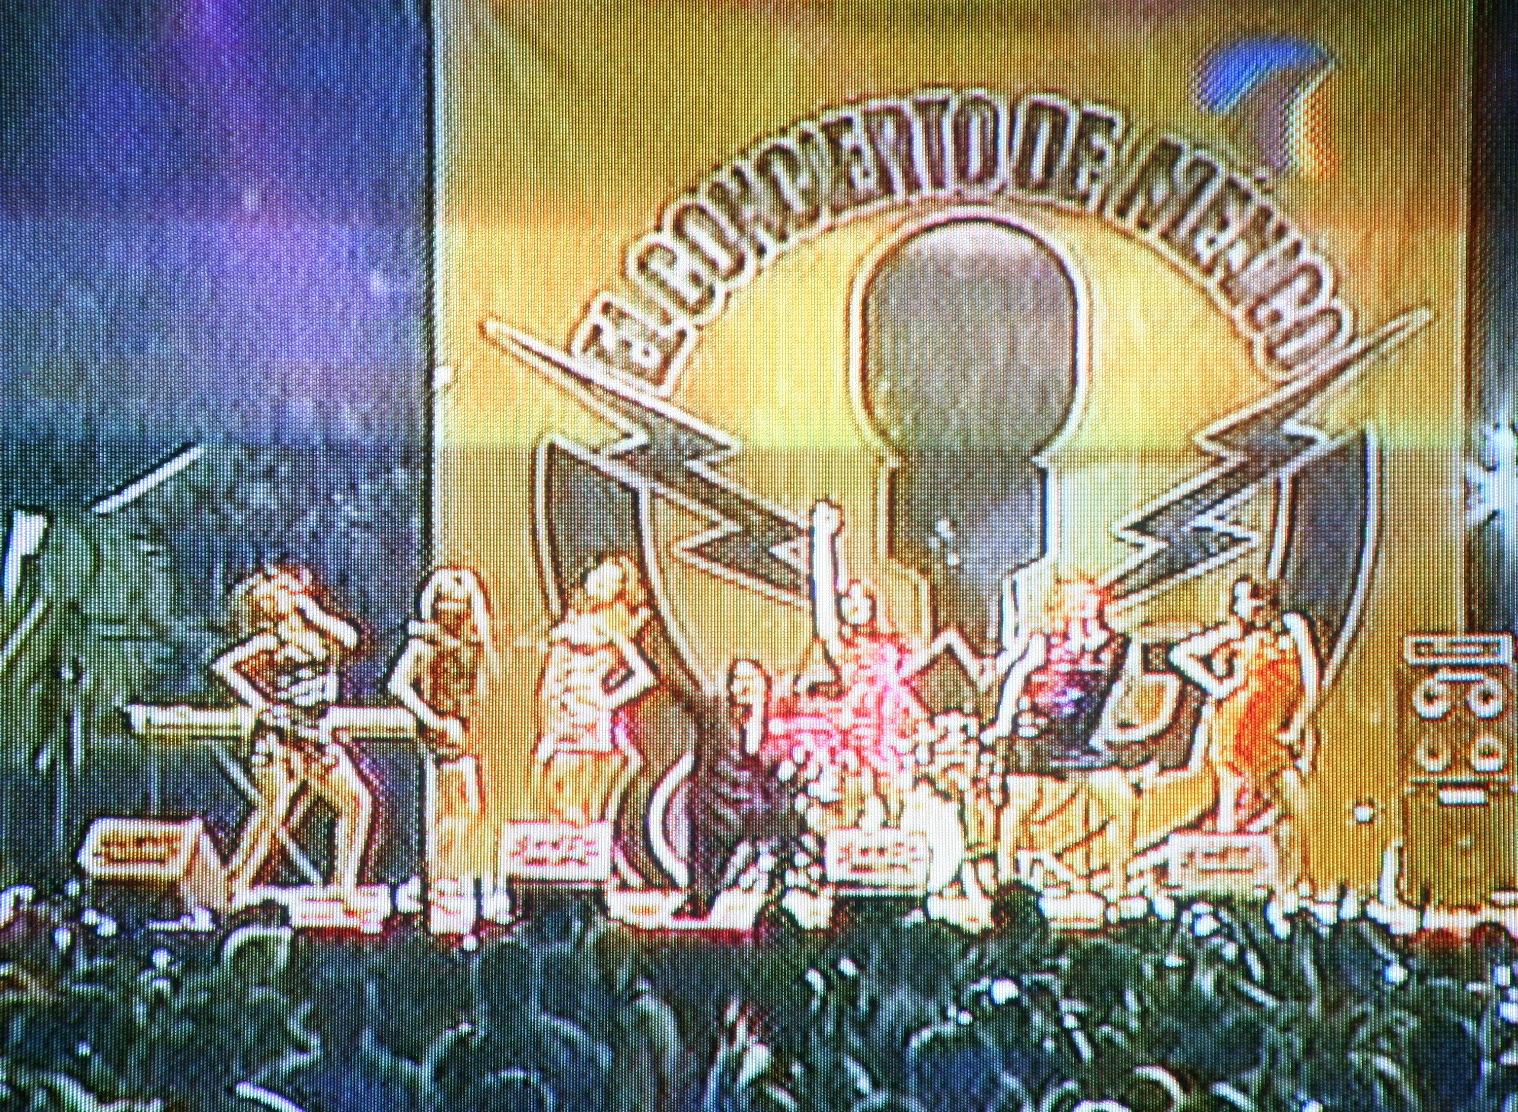 El primer concierto de los acadèmicos fuera del foro y la casa, fuè realizado por la radio Exa en la ciudad de Puebla.  En la imàgen vemos a Fabiola al extremo izquierdo.